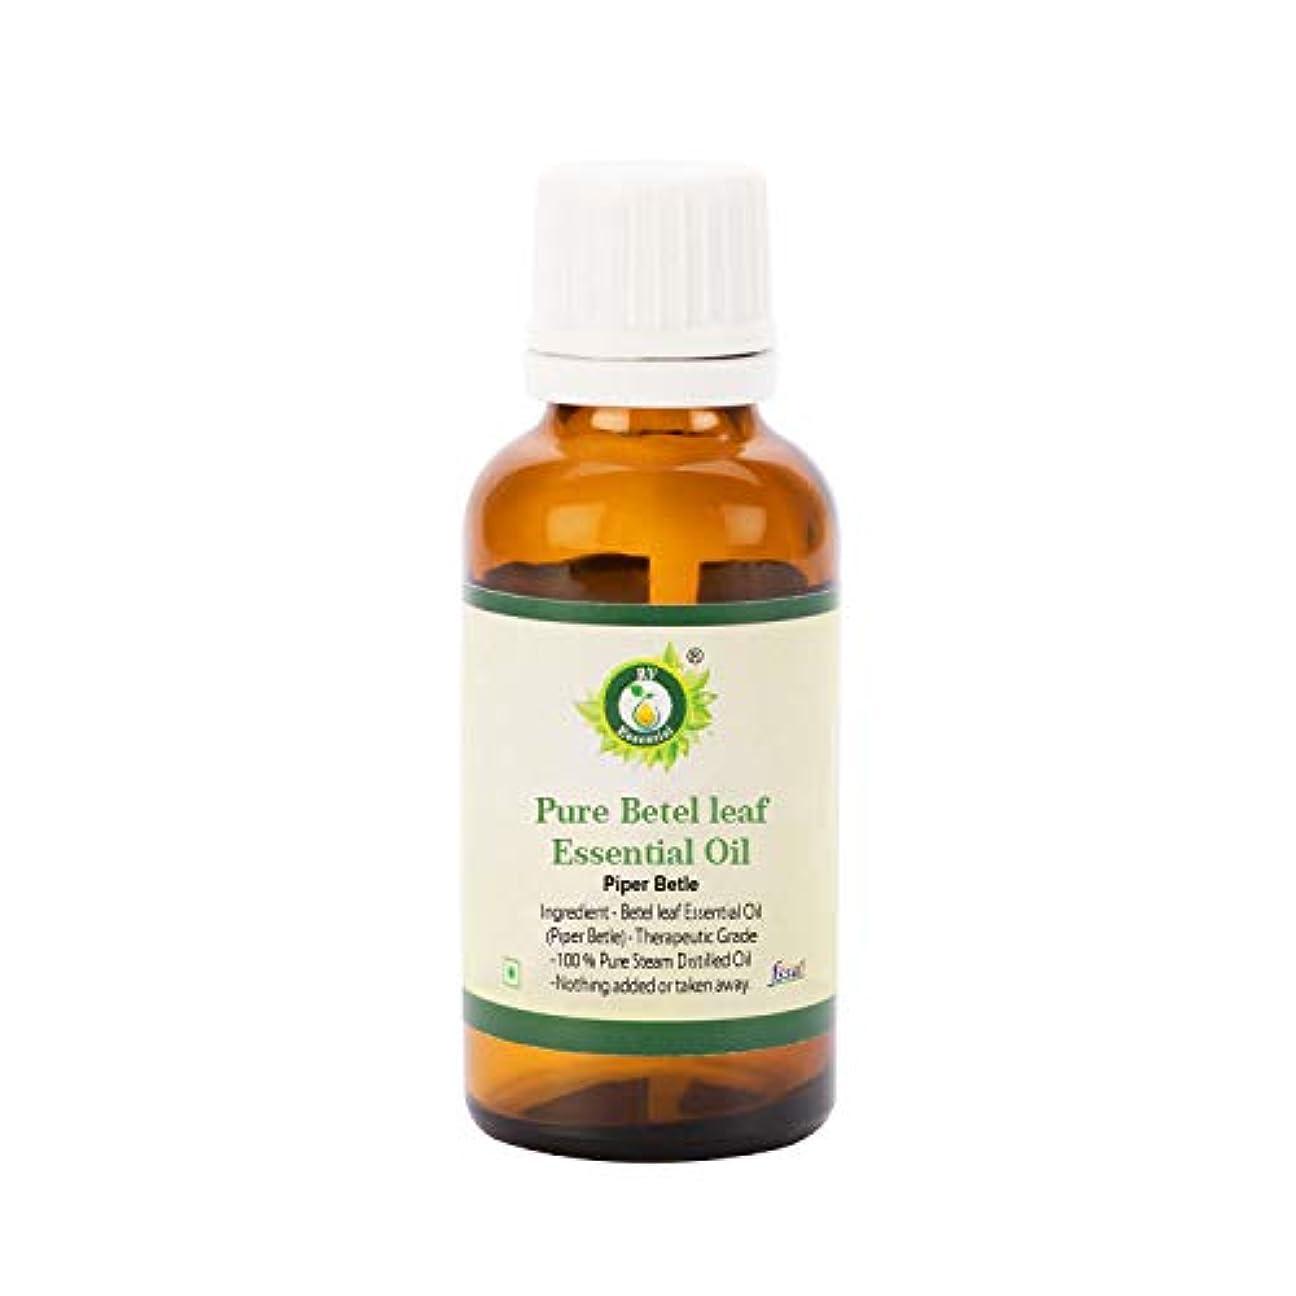 ロードハウス慈善魔術師R V Essential ピュアBetel葉エッセンシャルオイル15ml (0.507oz)- Piper Betle (100%純粋&天然スチームDistilled) Pure Betel leaf Essential...